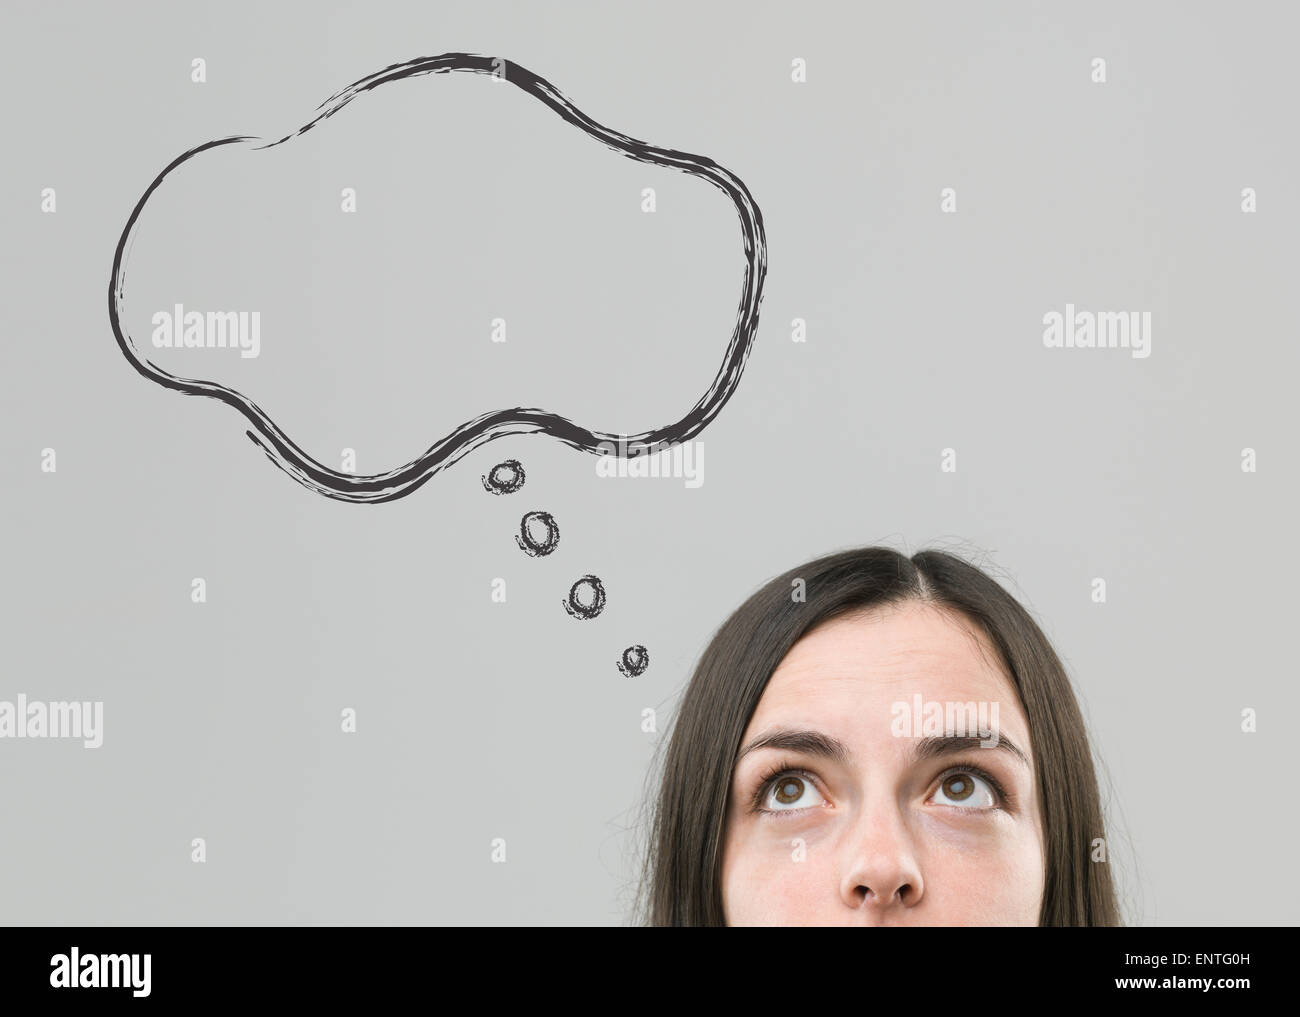 Vista recortada de joven mujer mirando hacia arriba en el pensamiento de burbuja vacía Imagen De Stock